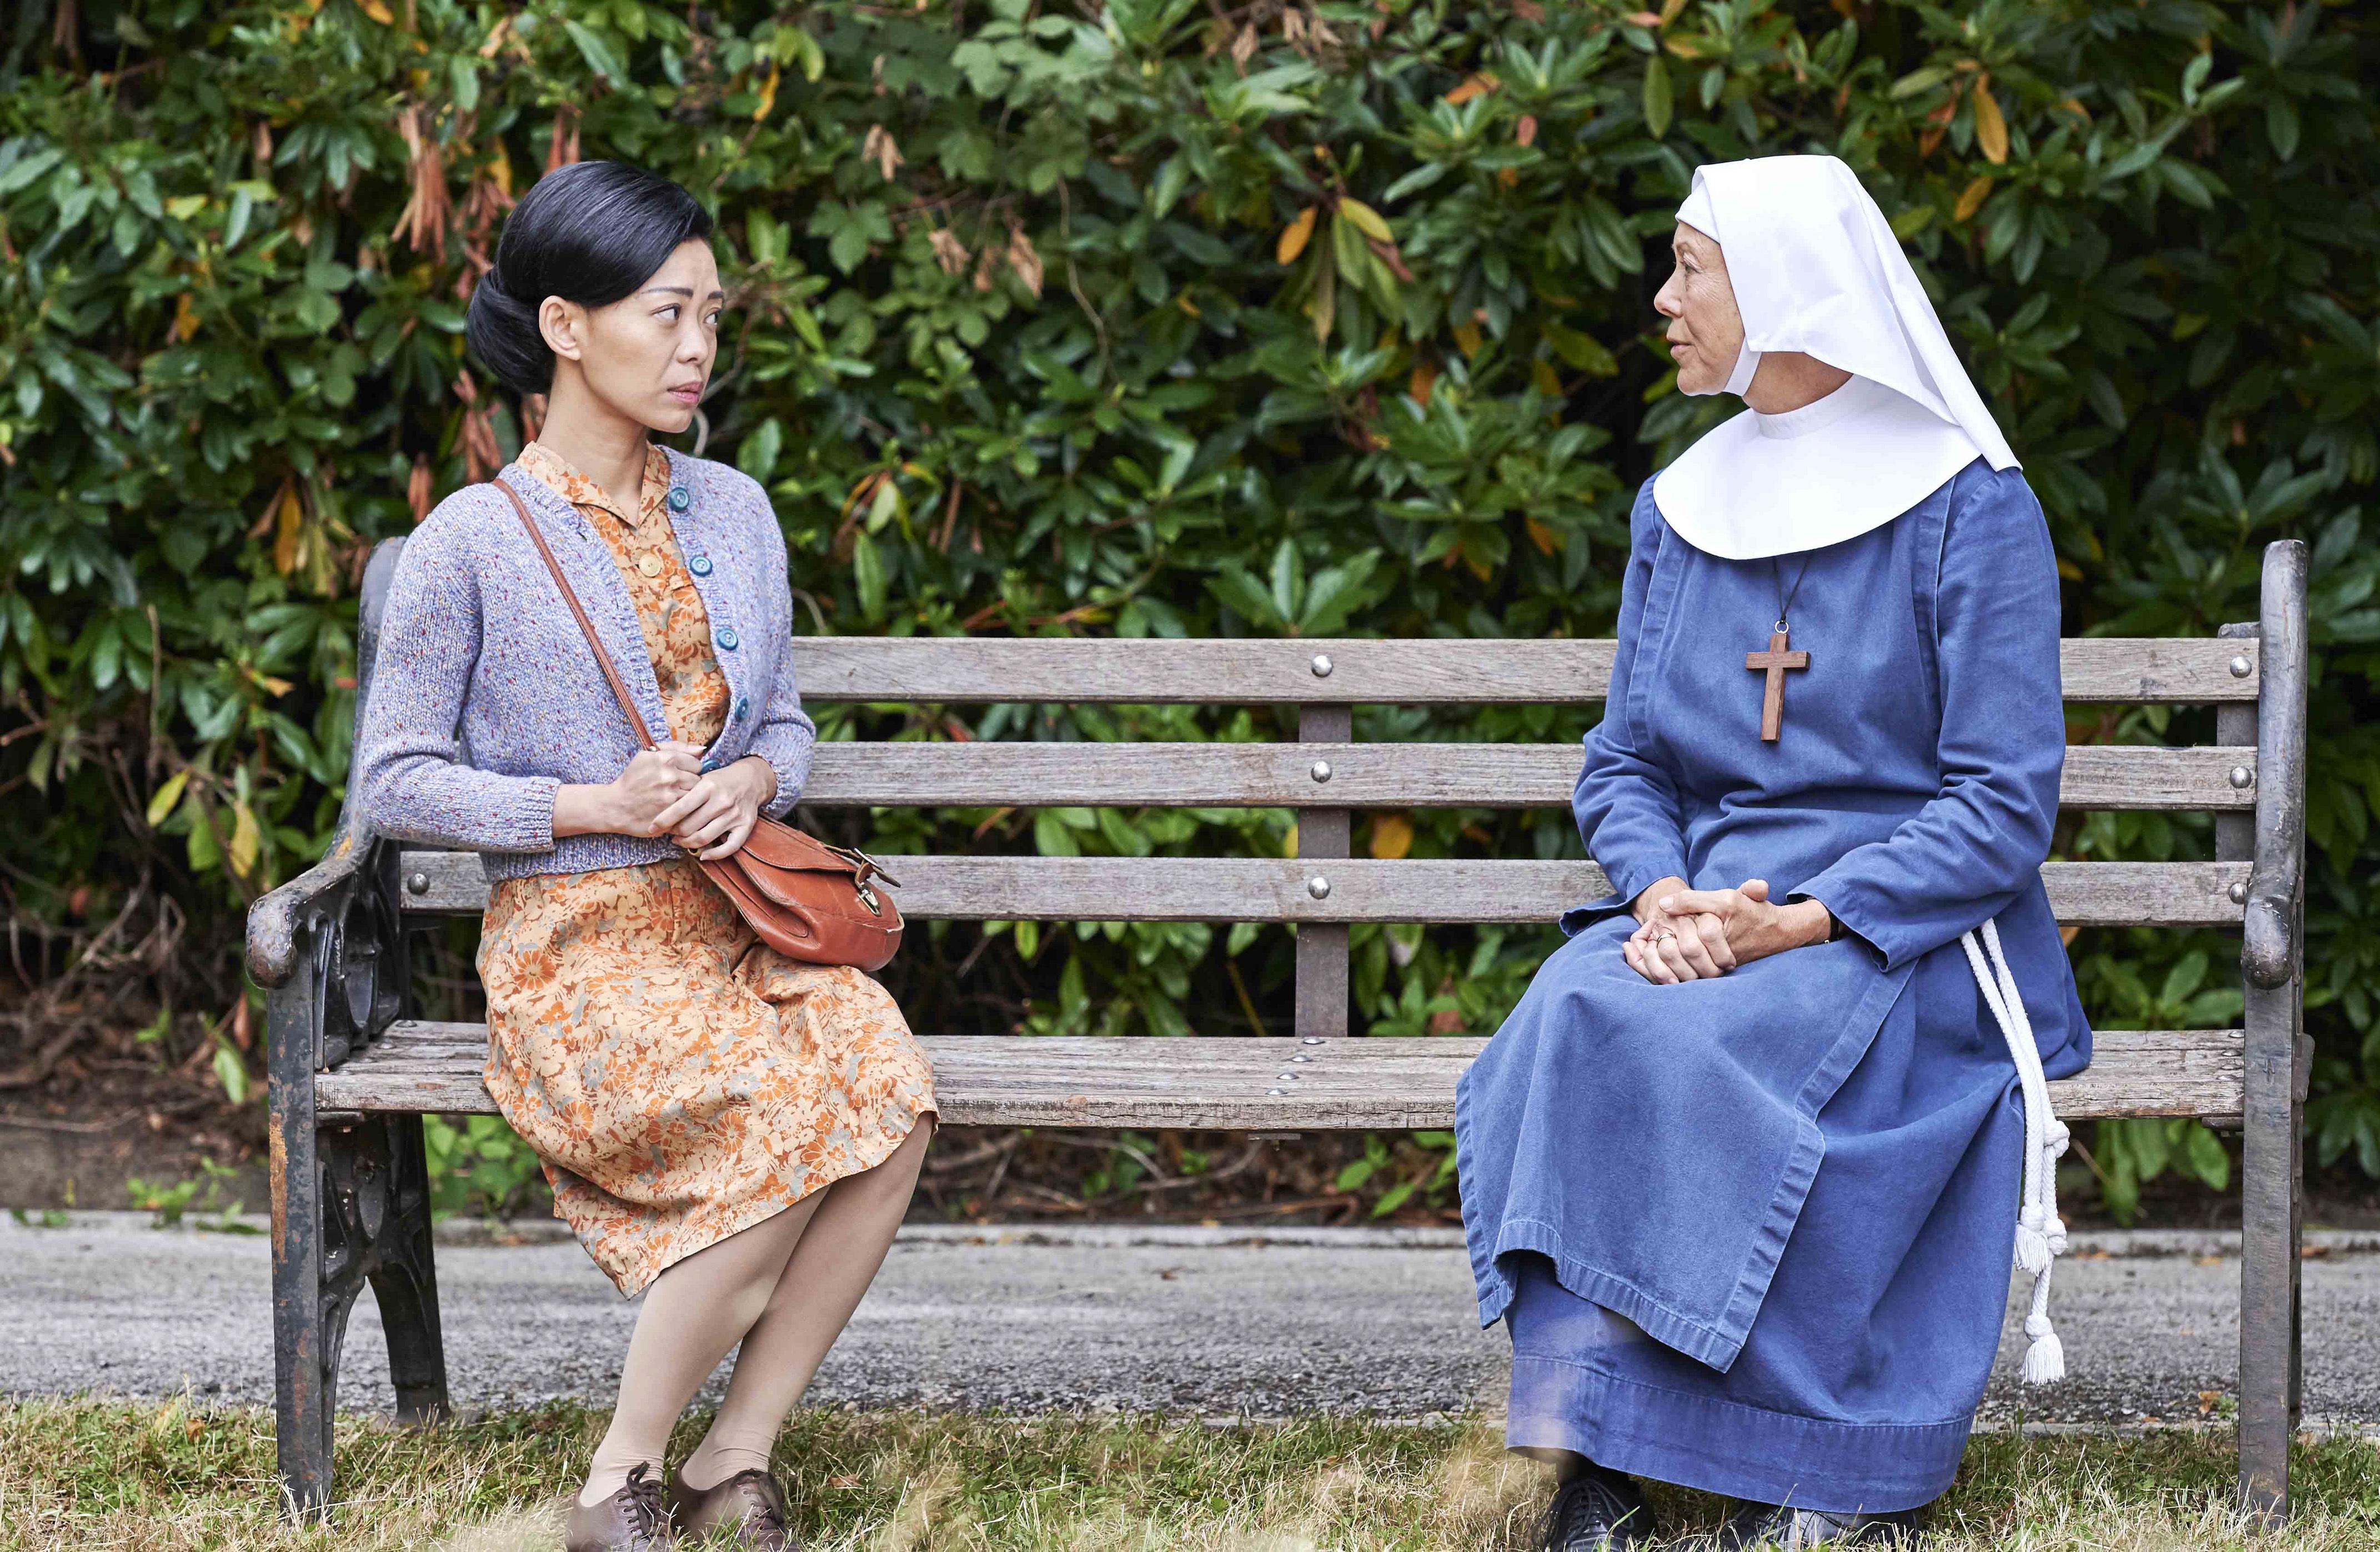 Call the Midwife Season 9, Episode 6 GIF Recap